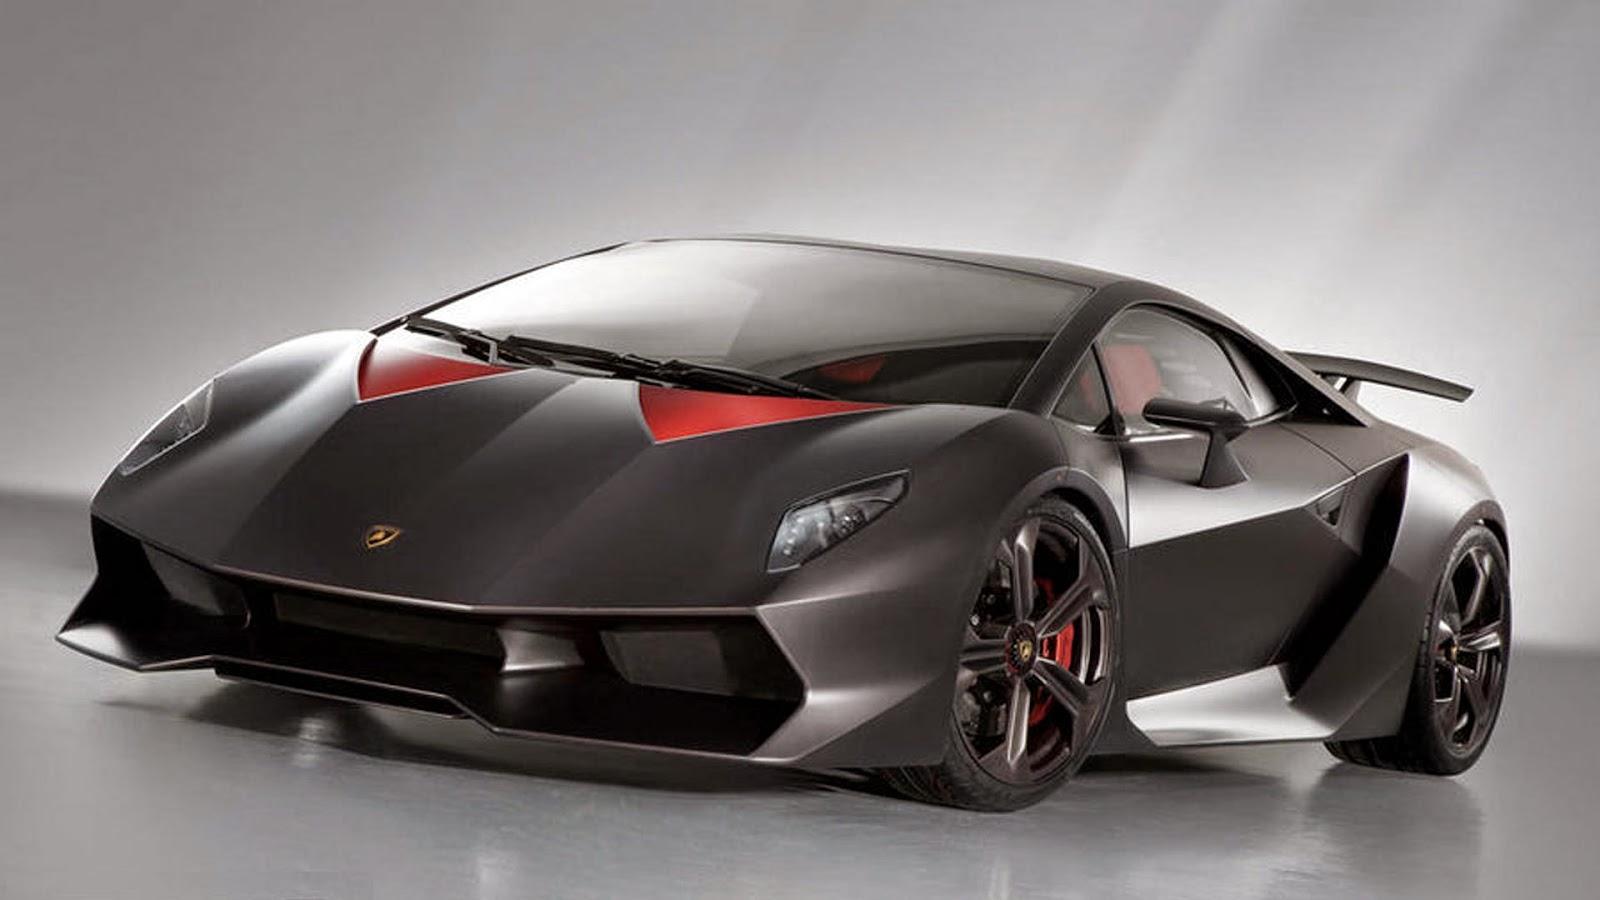 Foto Mobil Lamborghini Hitam Modifikasi Mobil